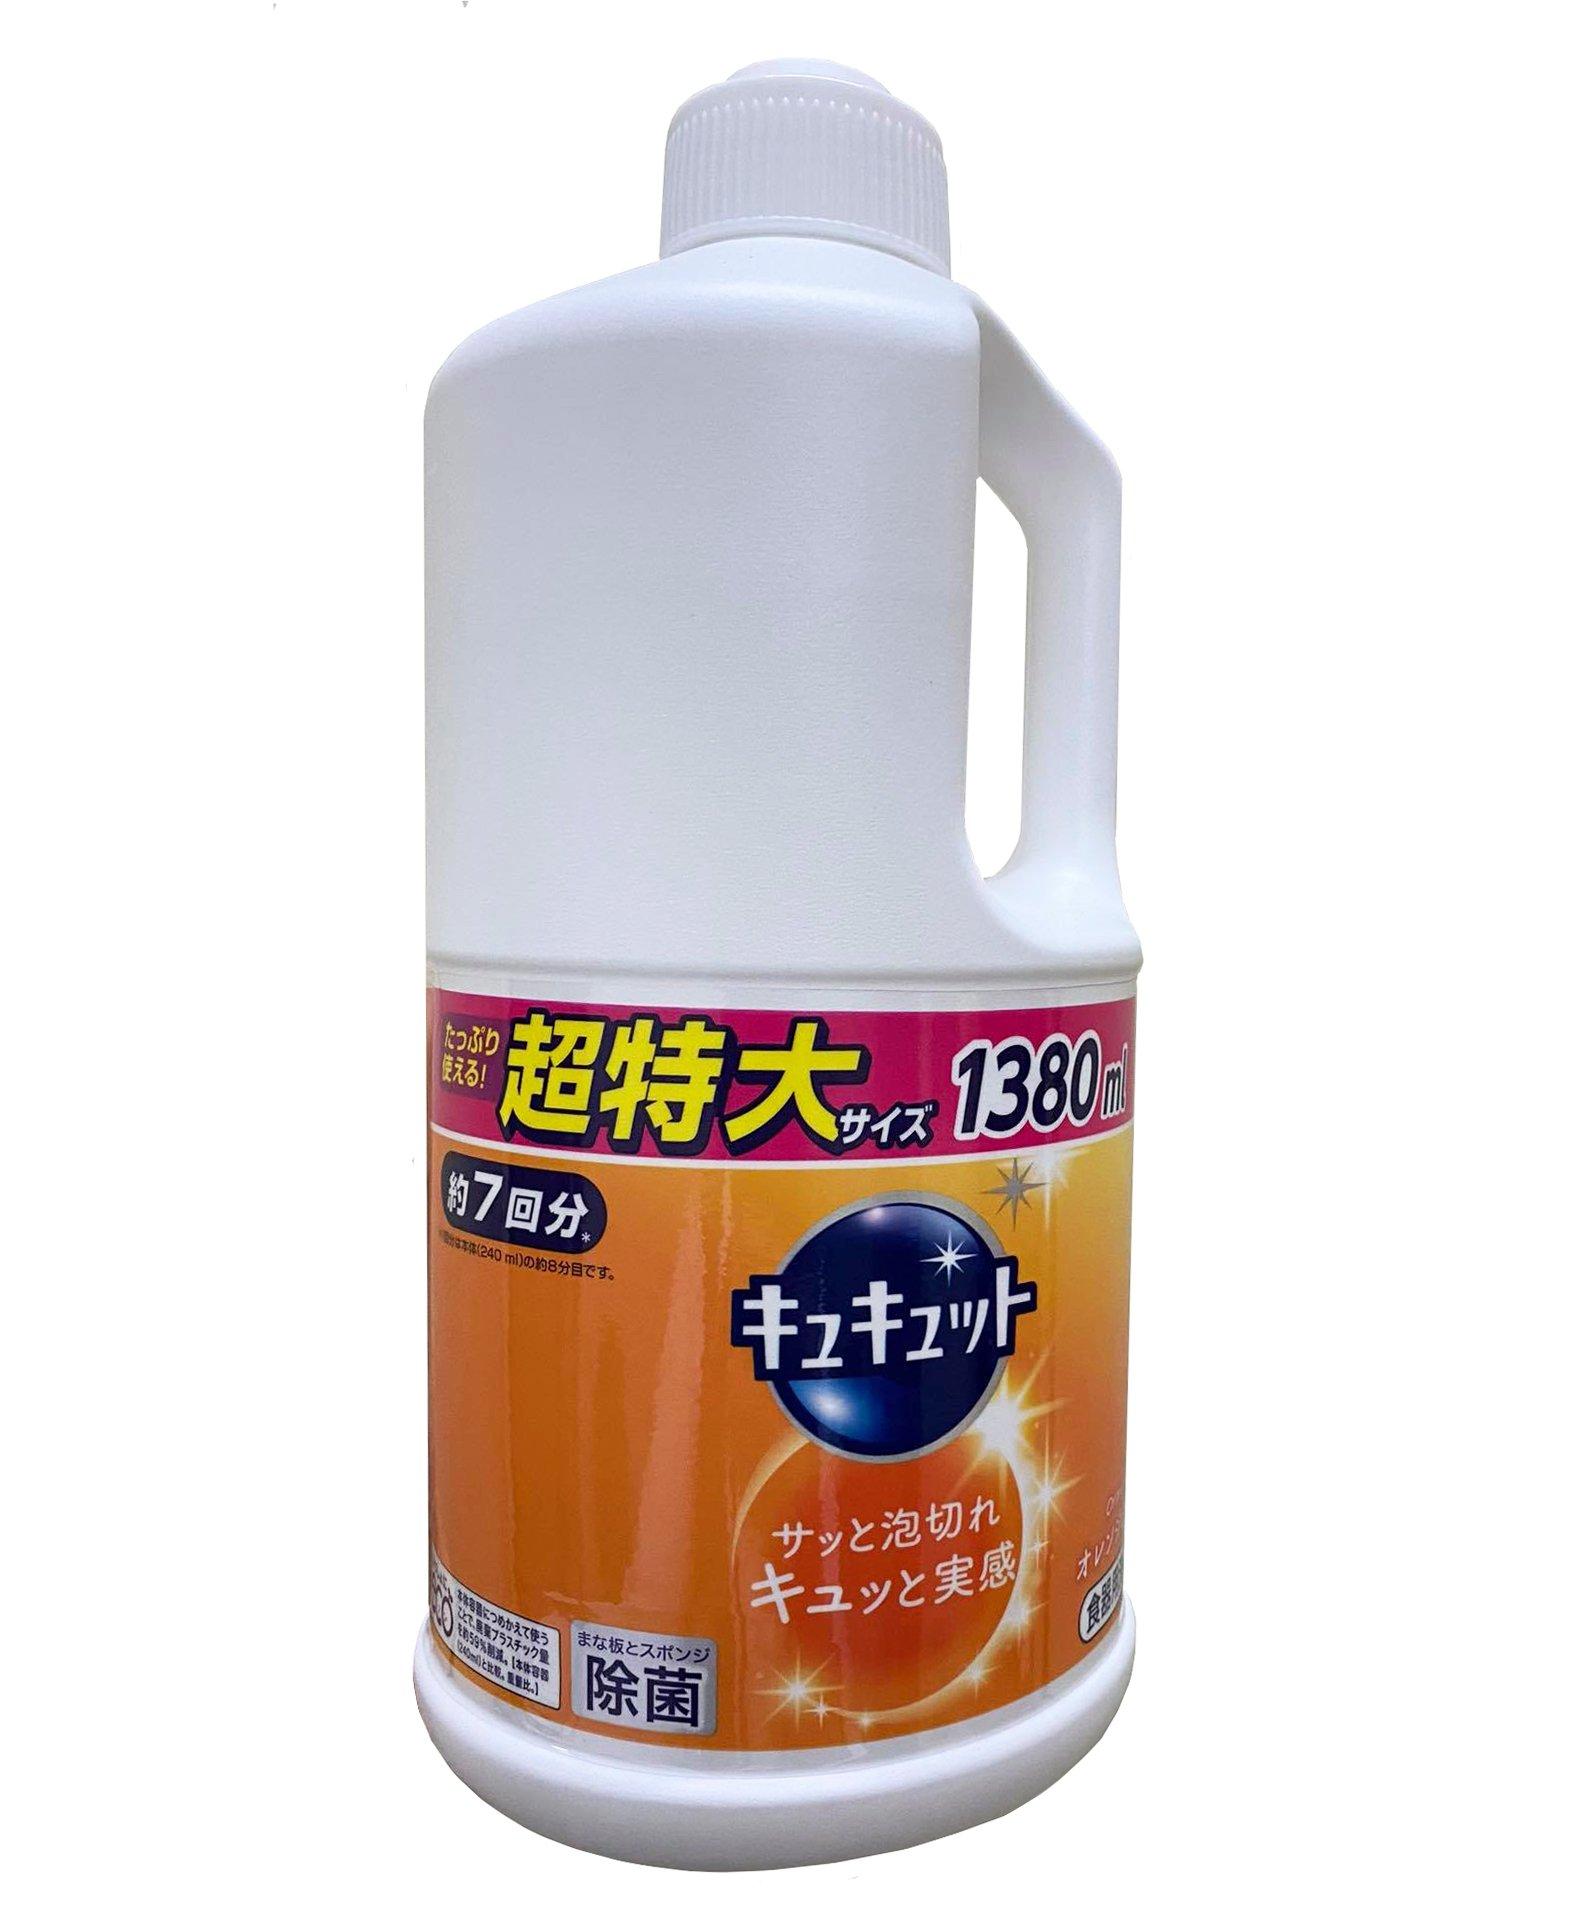 Nước rửa bát Kyukyuto KAO Nhật Bản hương cam